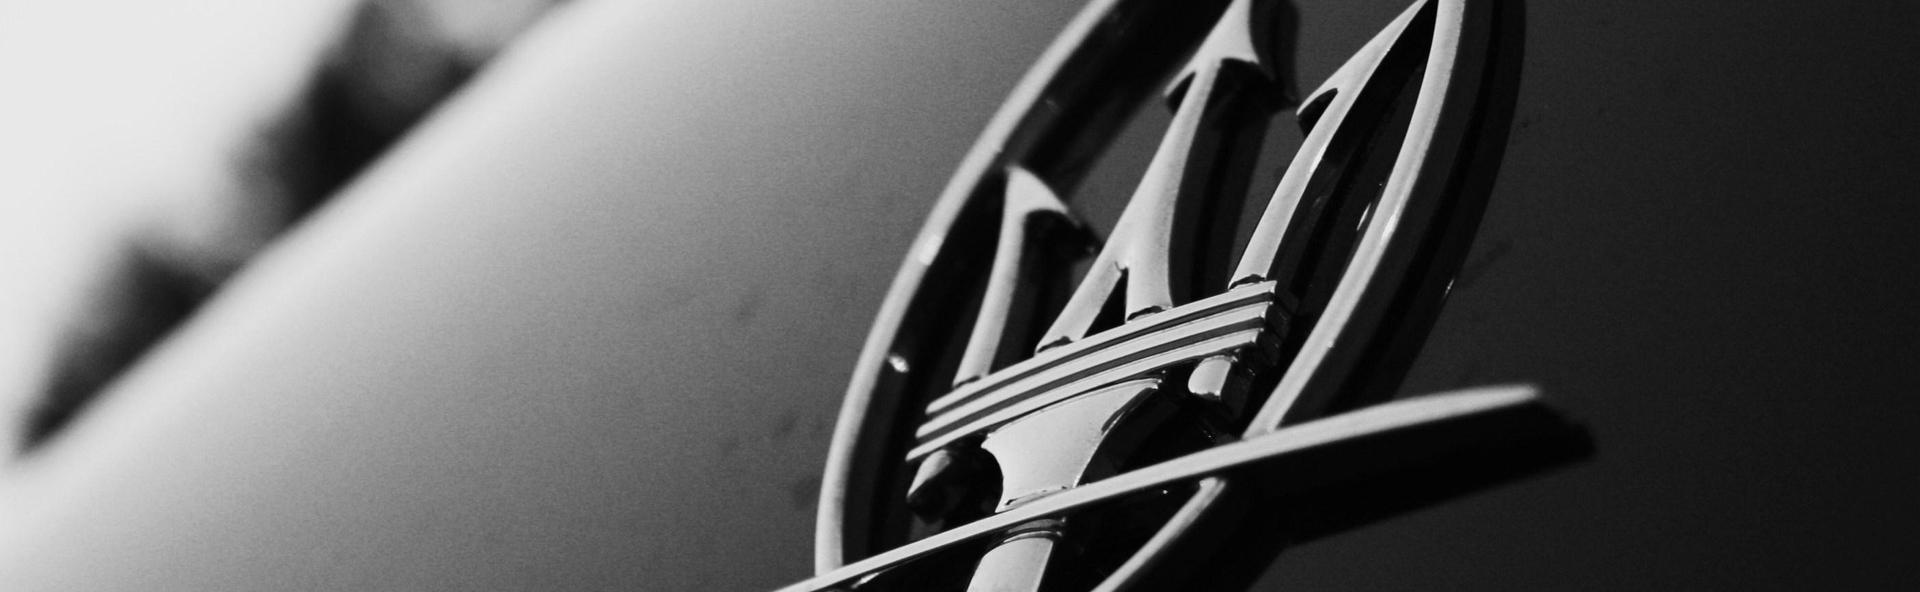 1920_sliderCorsalin_Maseratilogo